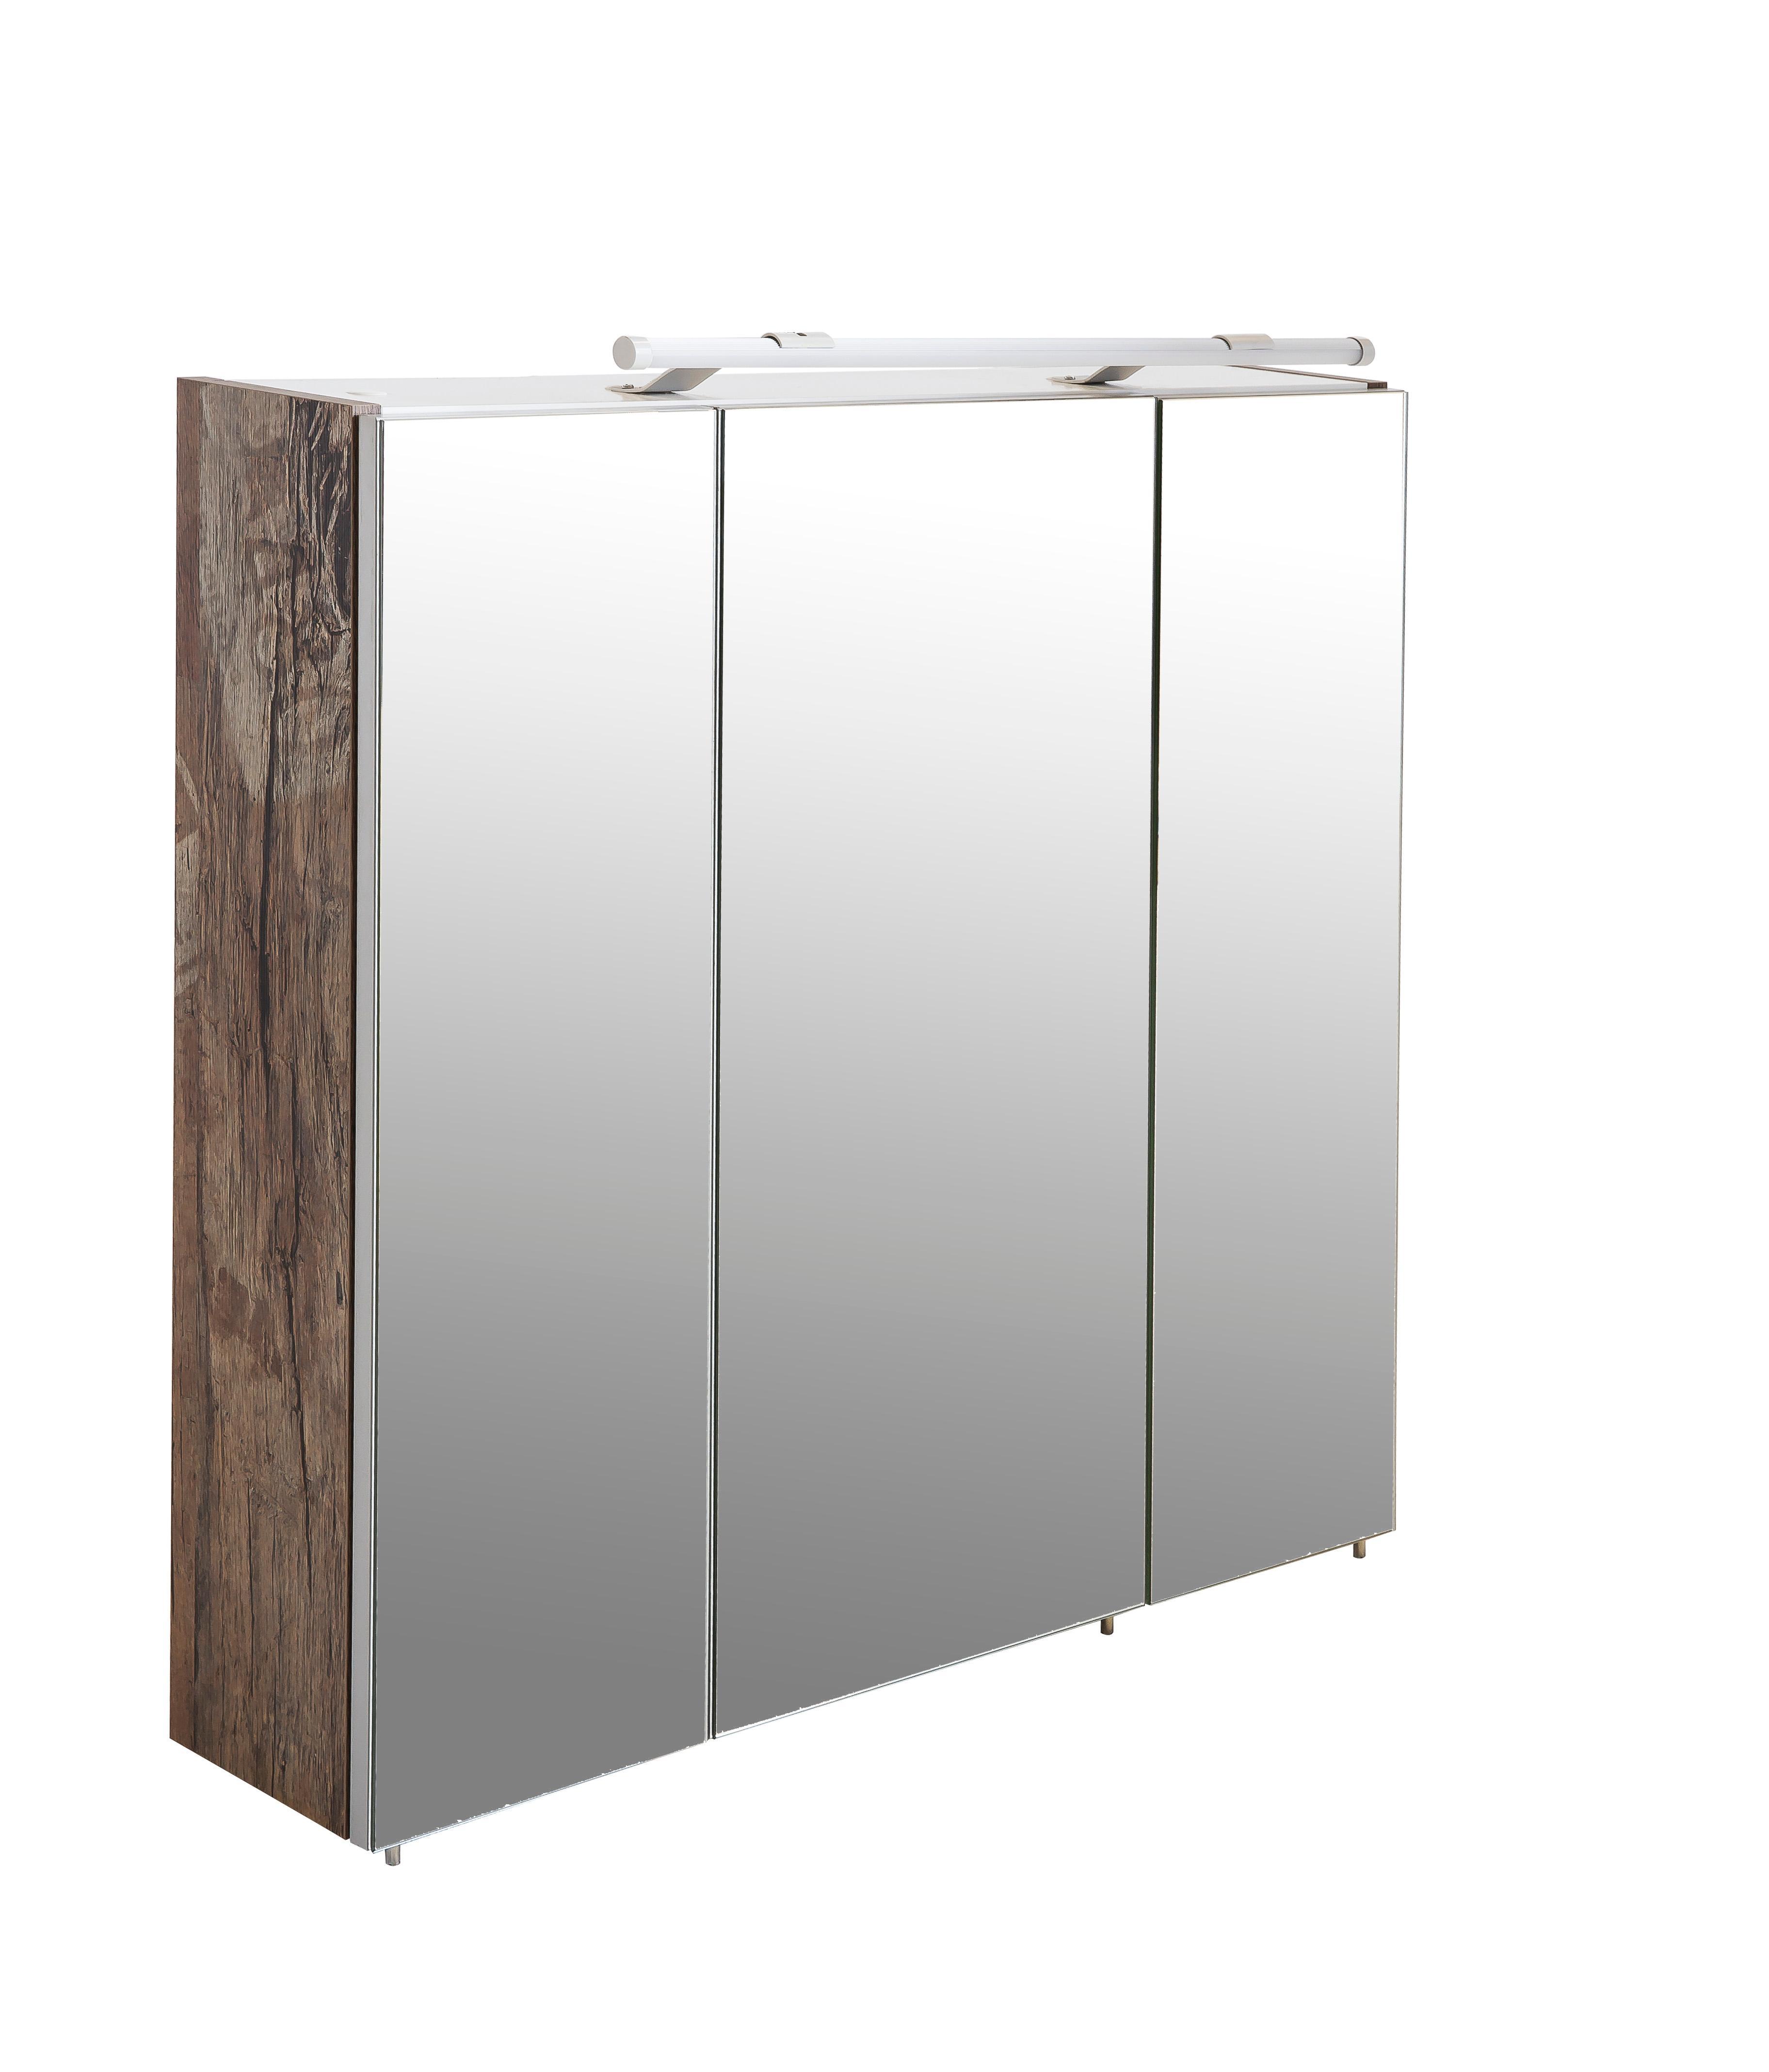 Schildmeyer 125525 spiegelschrank 70 x 75 x 16 cm - Amazon spiegelschrank ...